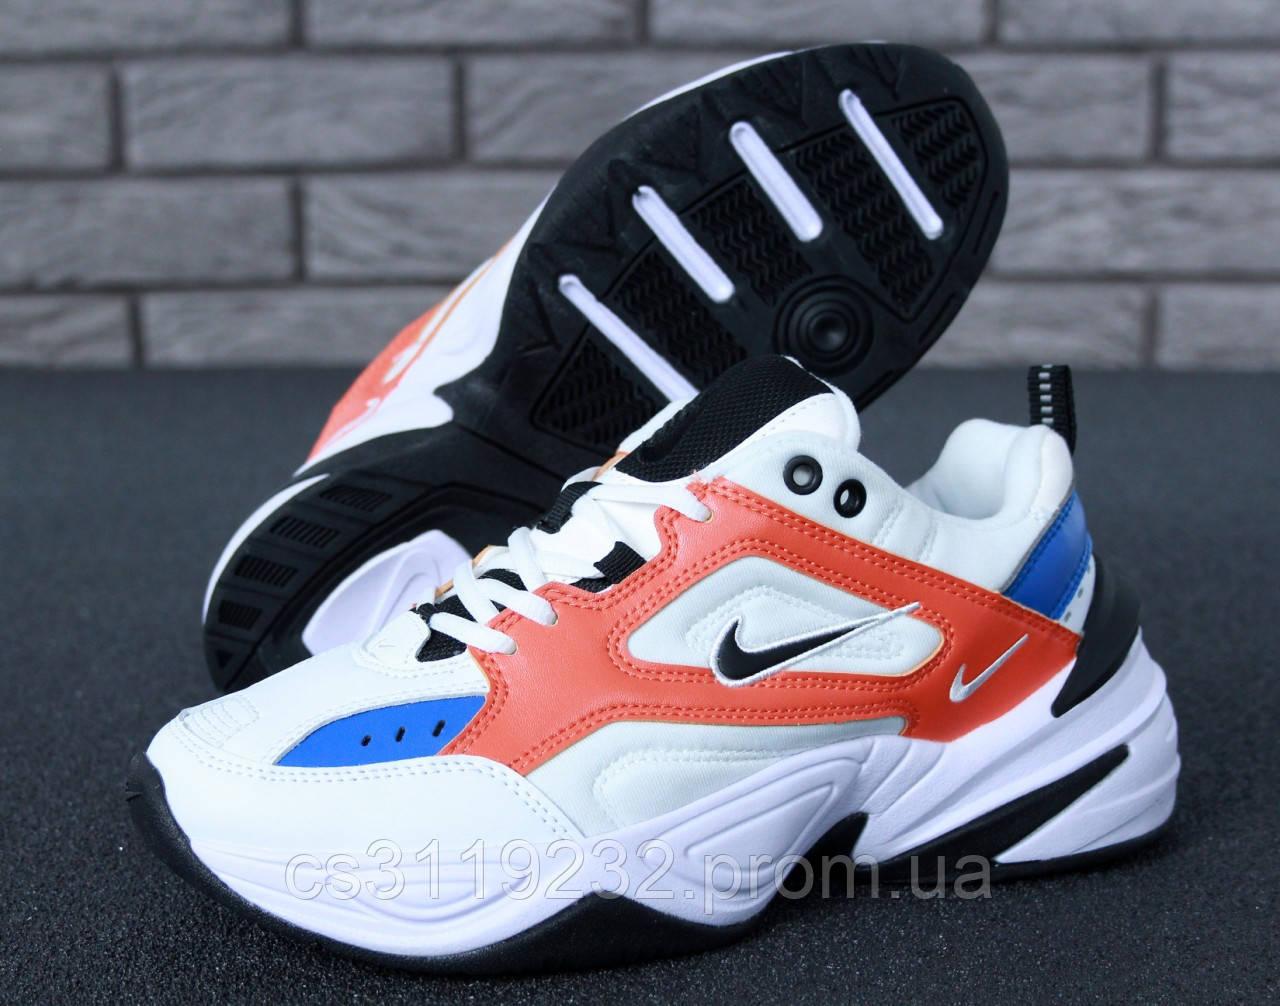 Чоловічі кросівки Nike M2K Tekno John Elliott (багатобарвні)